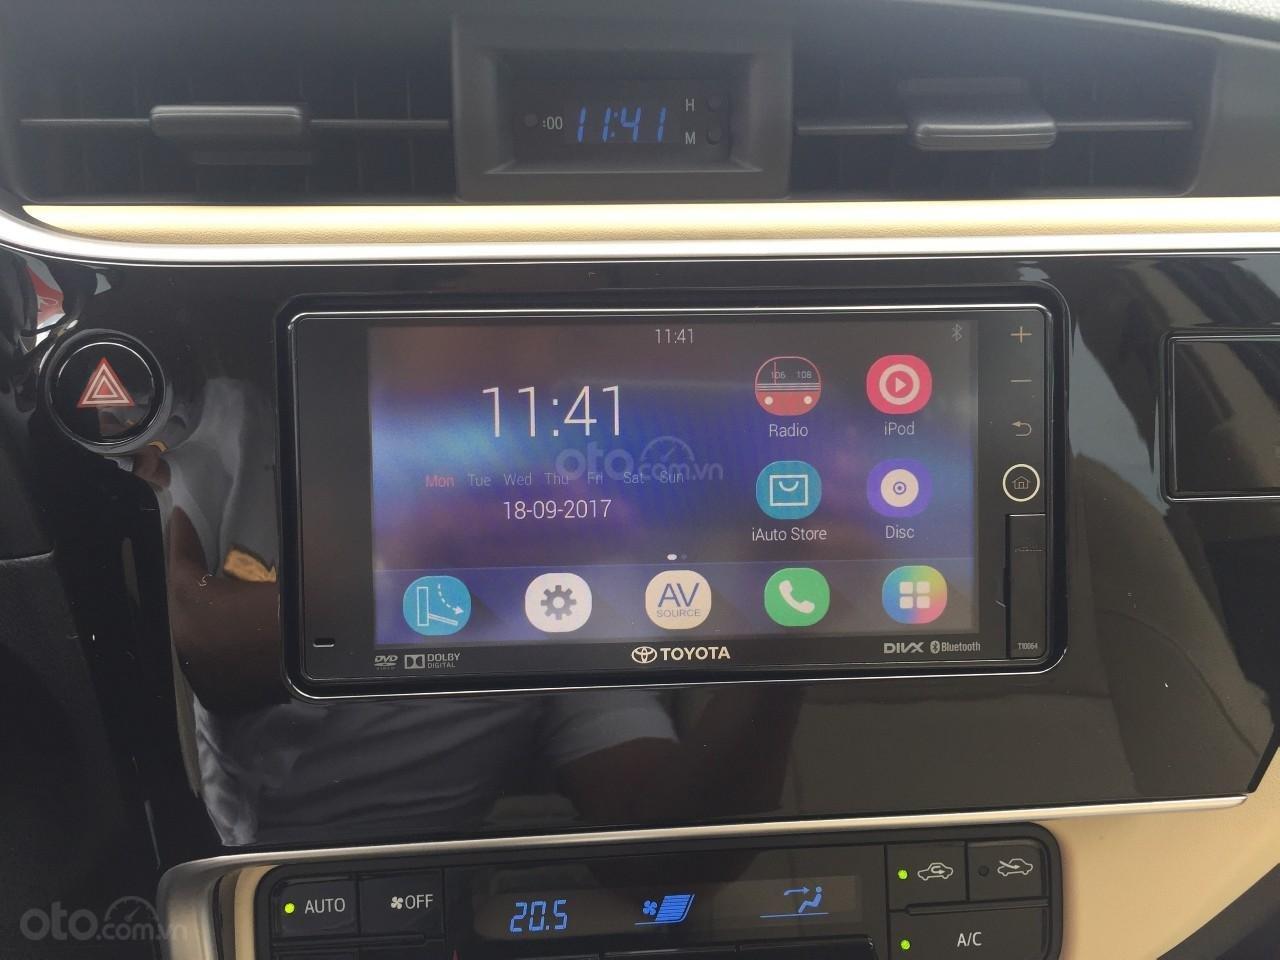 Đánh giá xe Toyota Corolla Altis 2019: Màn hình cảm ứng 7-inch a1